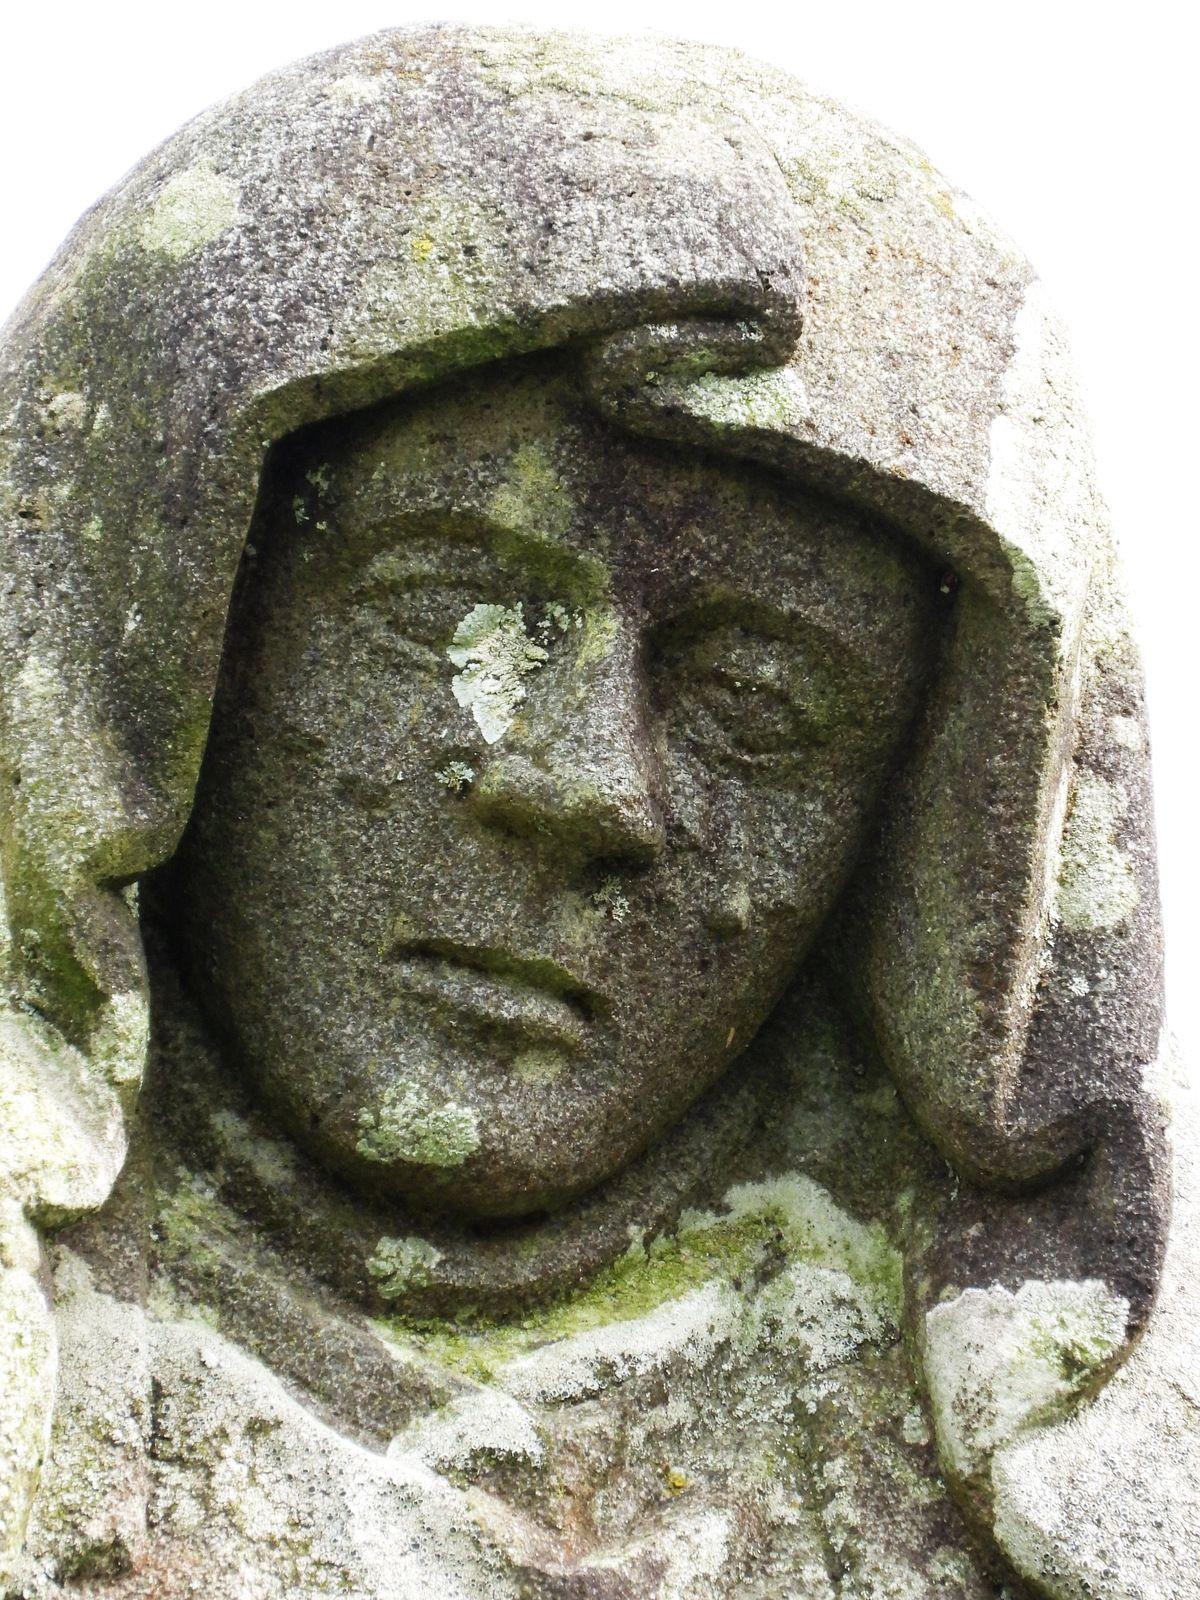 Calvaire (Granite et kersanton, atelier Prigent vers 1550 et anonyme vers 1910) de Lambader en Plouvorn. Photographie lavieb-aile 2017 et 2020.